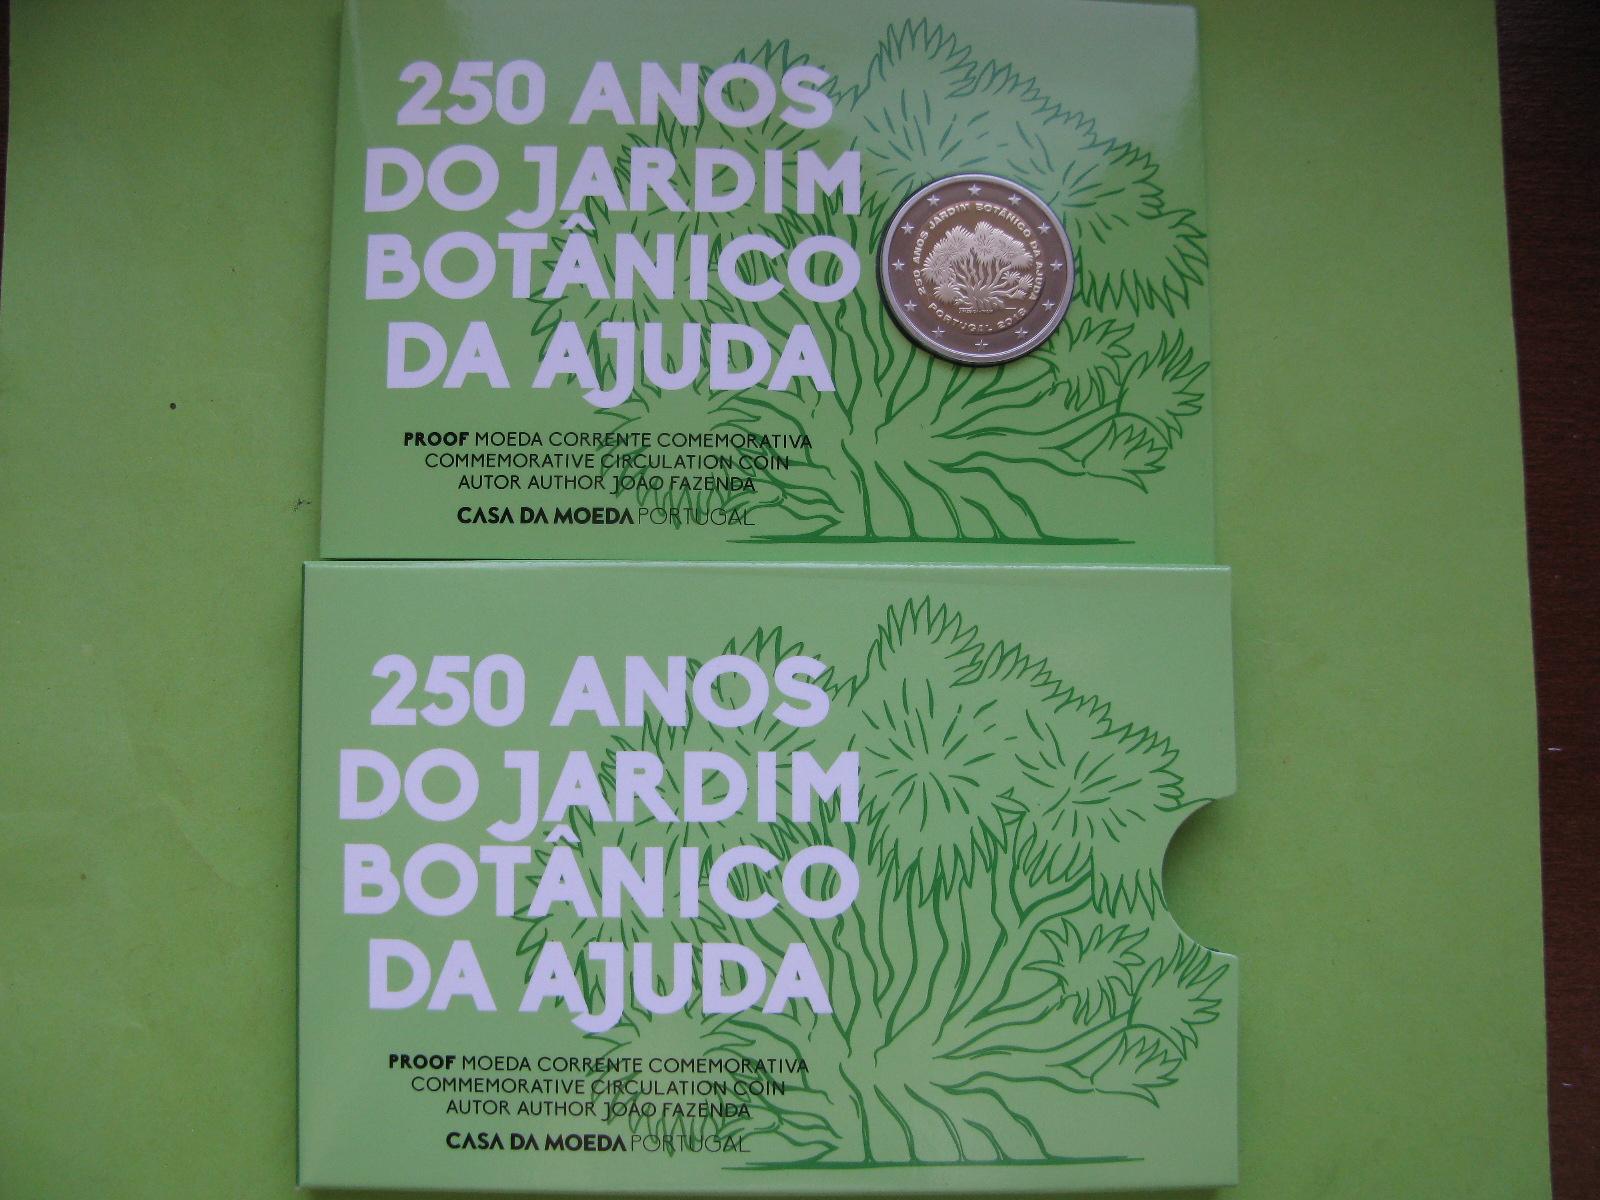 Португалия 2 евро 2018 г. 250-летие Ботанического сада Ажуда в Лиссабоне (пруф)